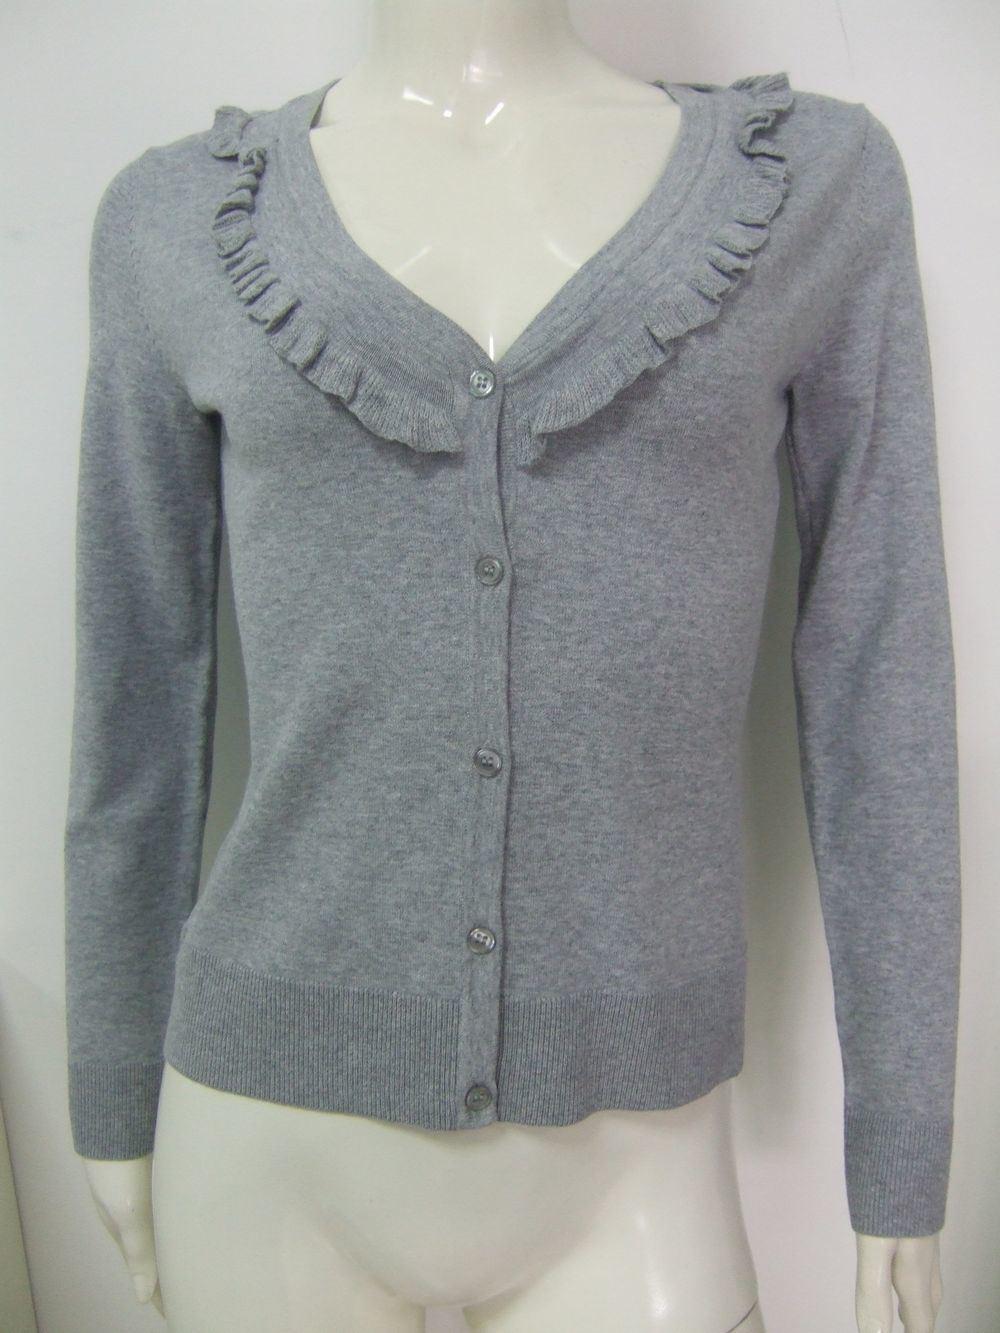 http://image.made-in-china.com/2f0j00vKEtVjMgOQoR/Women-s-V-Neck-Cardigan-SWW092905-.jpg